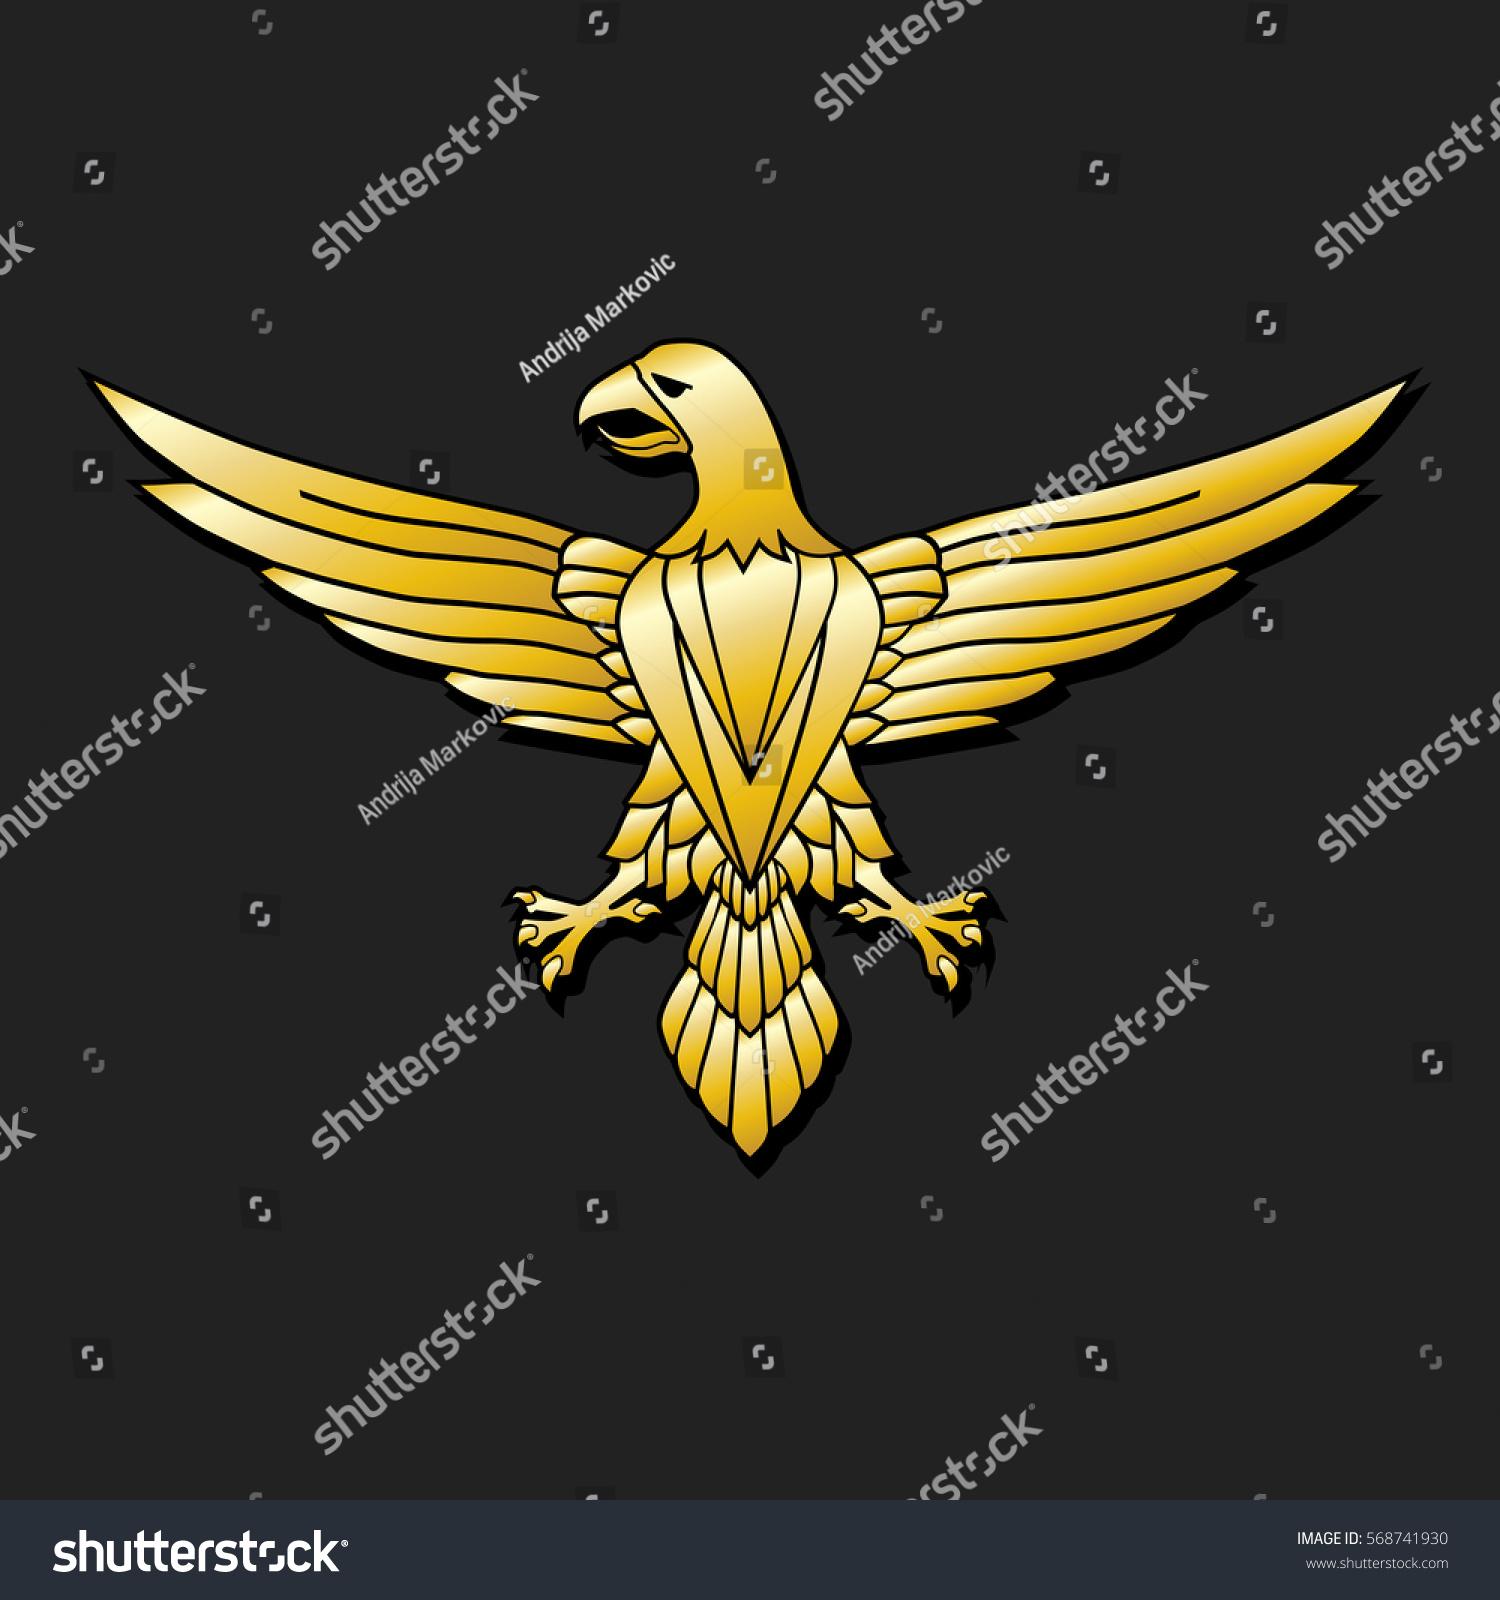 Golden Eagle Emblem Stock Illustration 568741930 Shutterstock